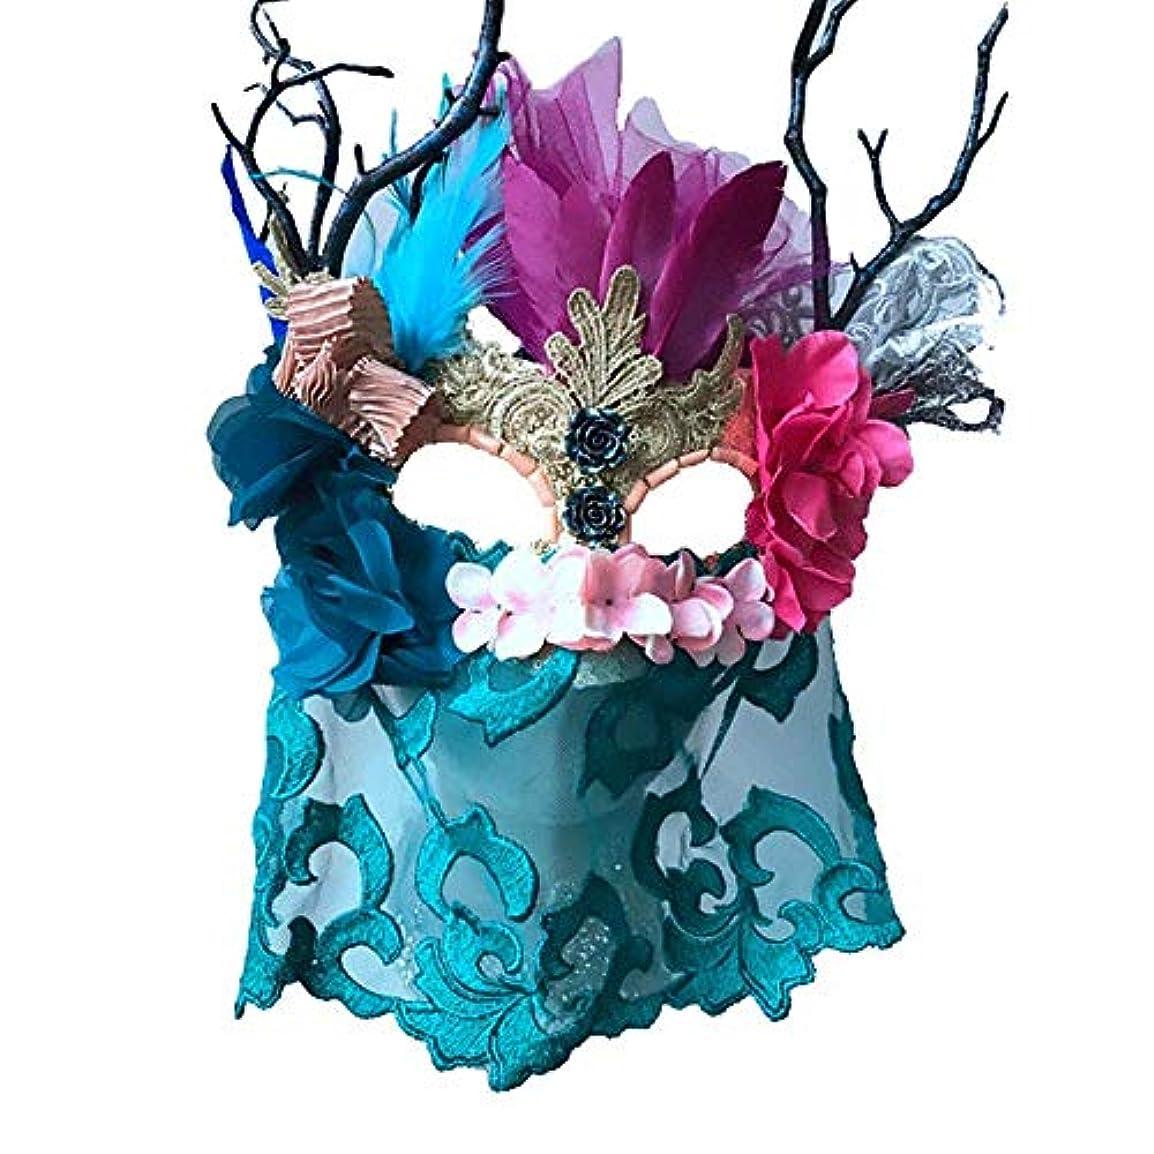 バンク変数許容できるNanle ハロウィーンのクリスマスフェザーの乾いた枝ベールの花マスク仮装マスクレディミスプリンセス美しさの祭りデコレーションマスク